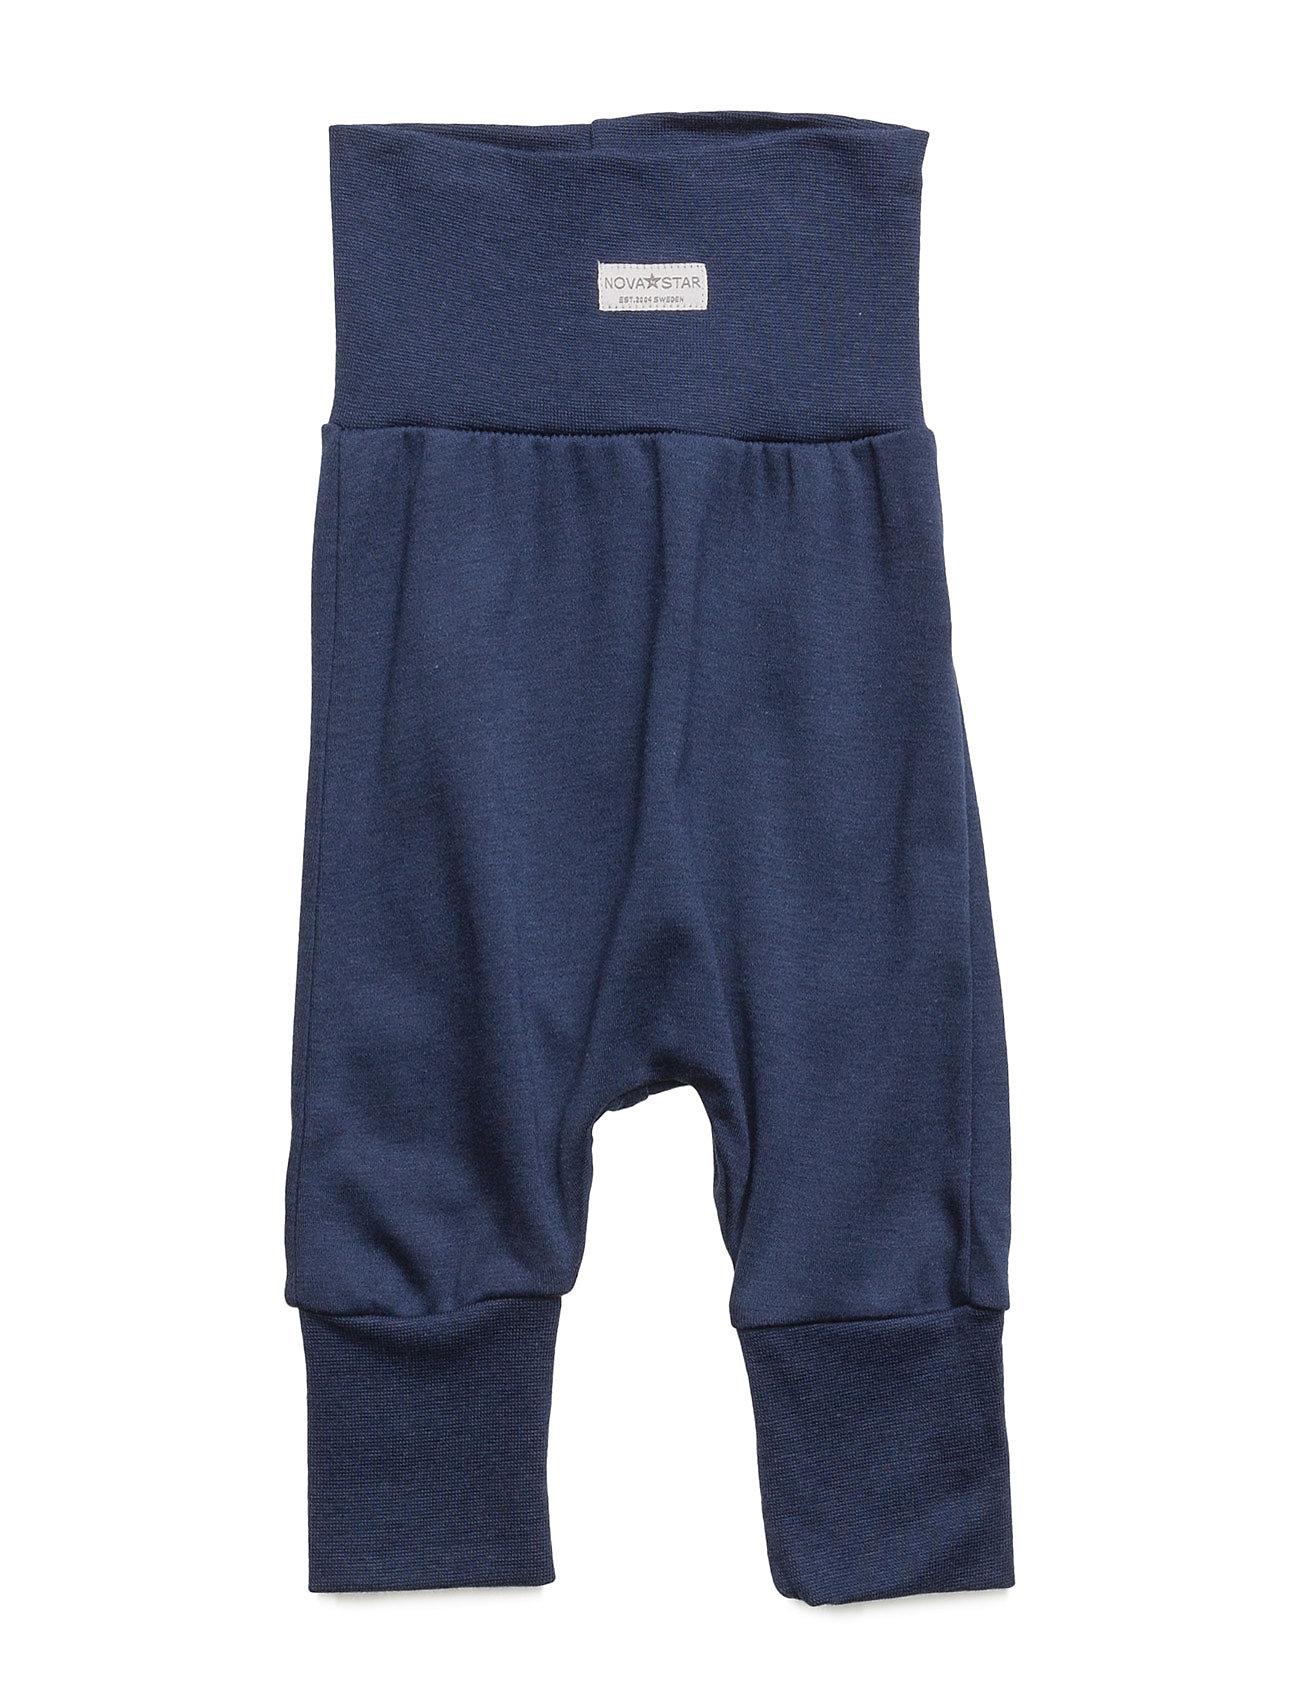 Marine Baby Trousers NOVA STAR  til Børn i Blå